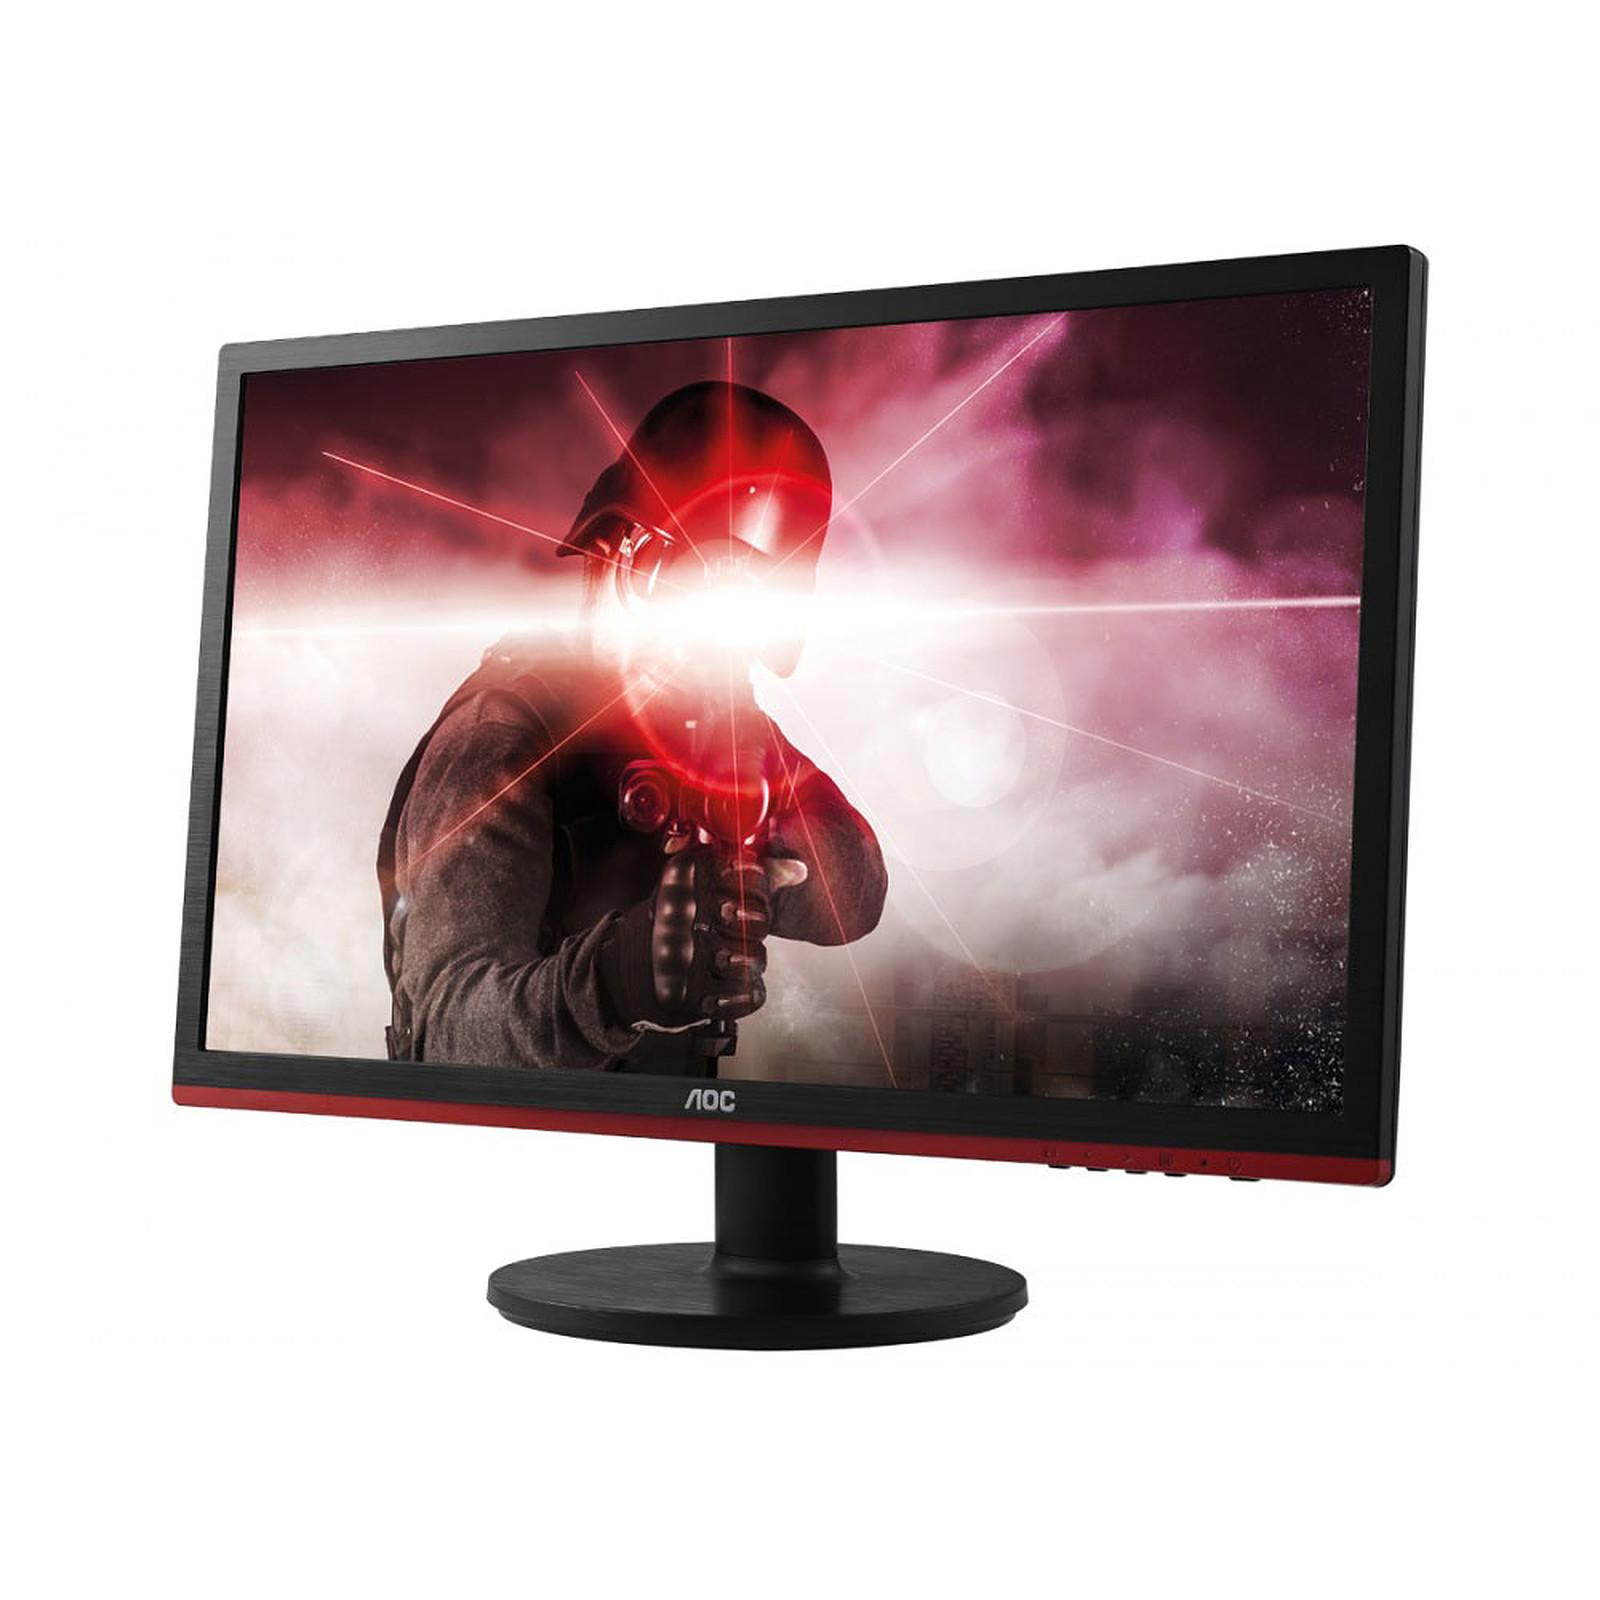 Ecran Moniteur LED 24 pouces 1080p AOC G2460VQ6 VGA,HDMI,DP Freesync(1ms) VESA,Informatique Réunion 974